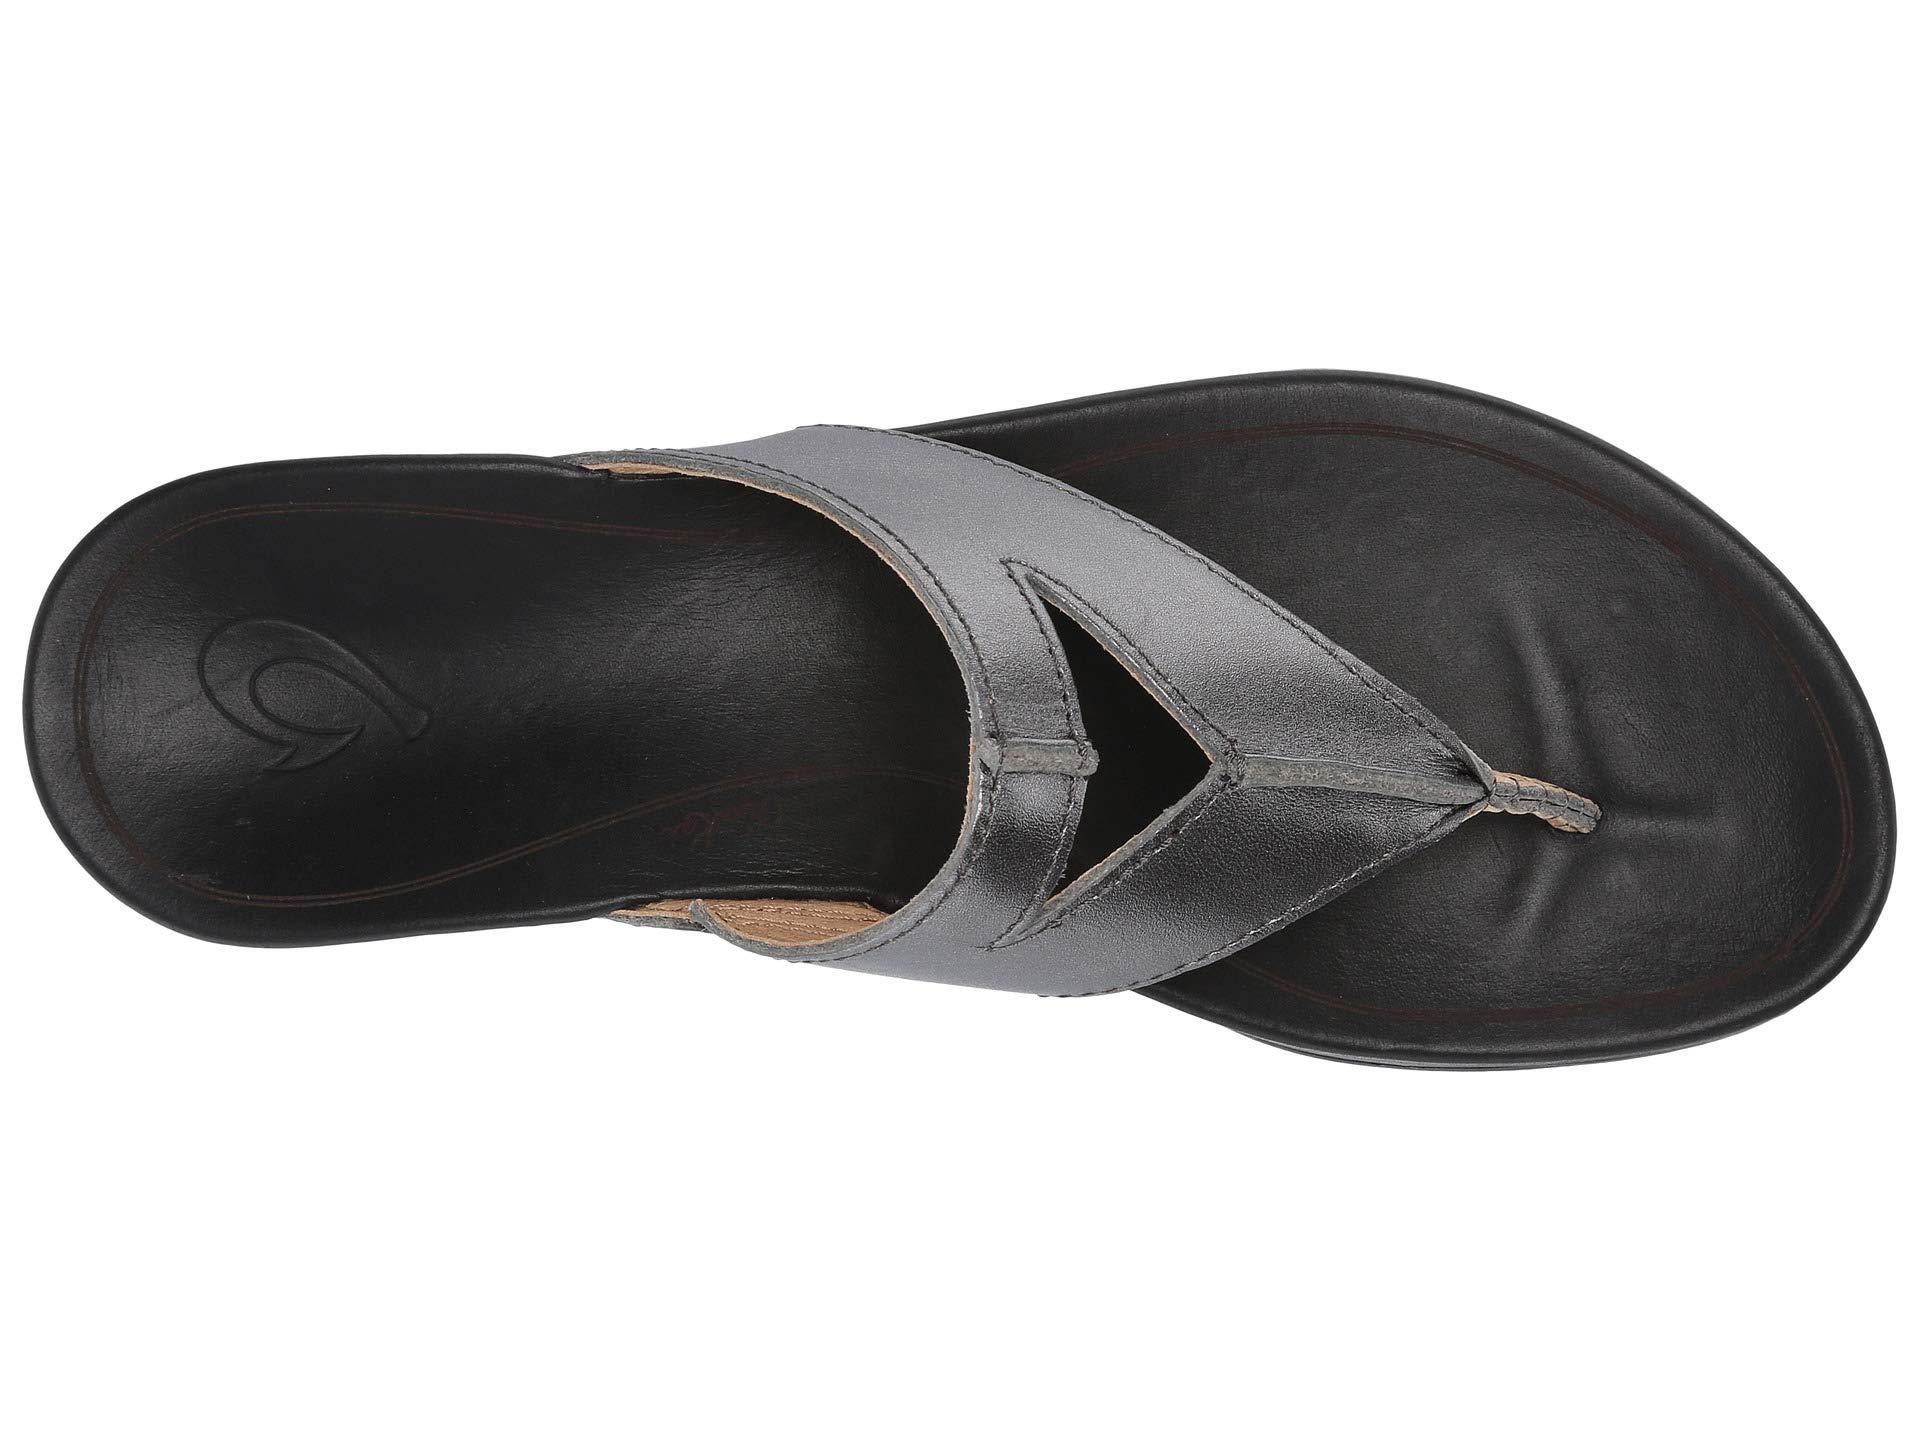 10c42b0aed87 Olukai - Lala (black tan) Women s Sandals - Lyst. View fullscreen